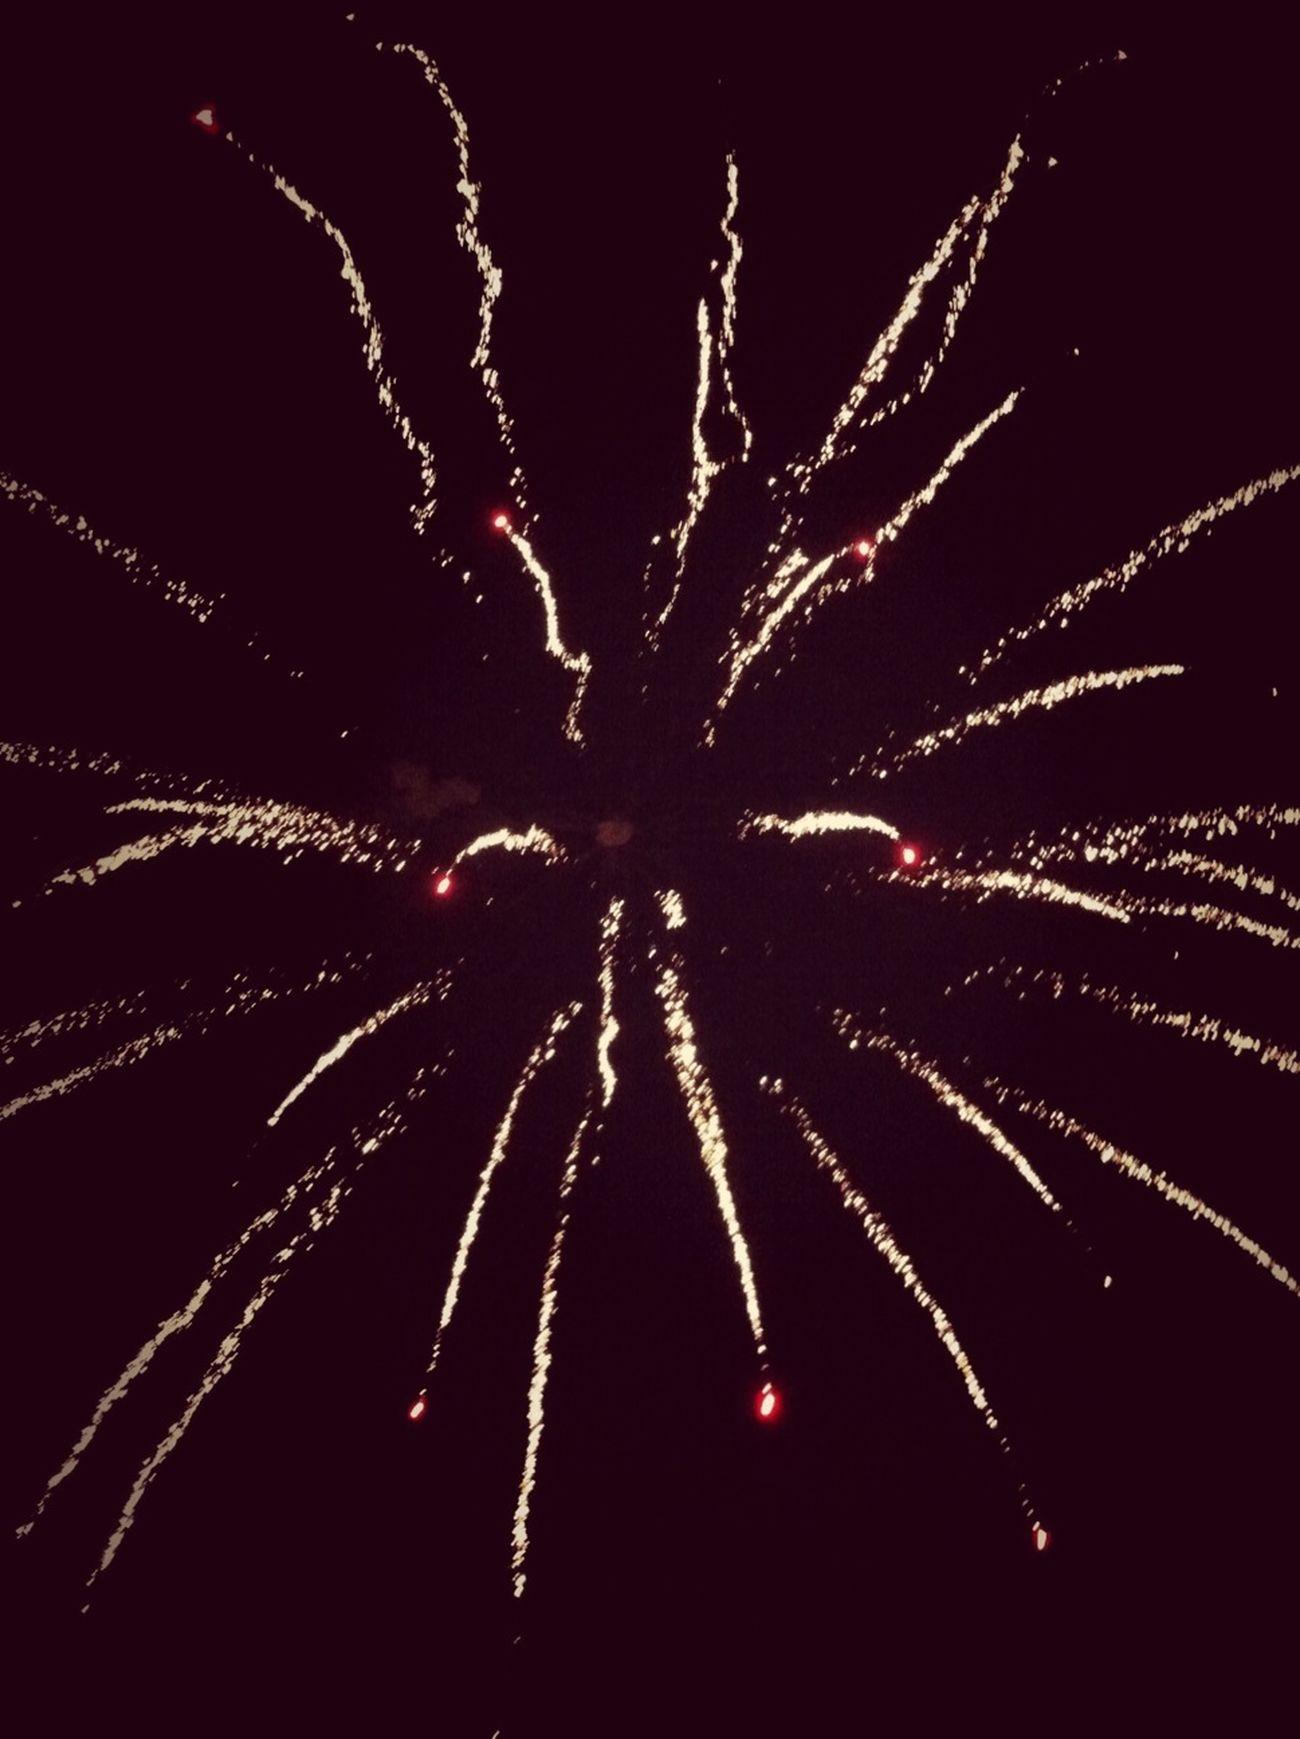 Fireworks 14 Juillet Hollidays